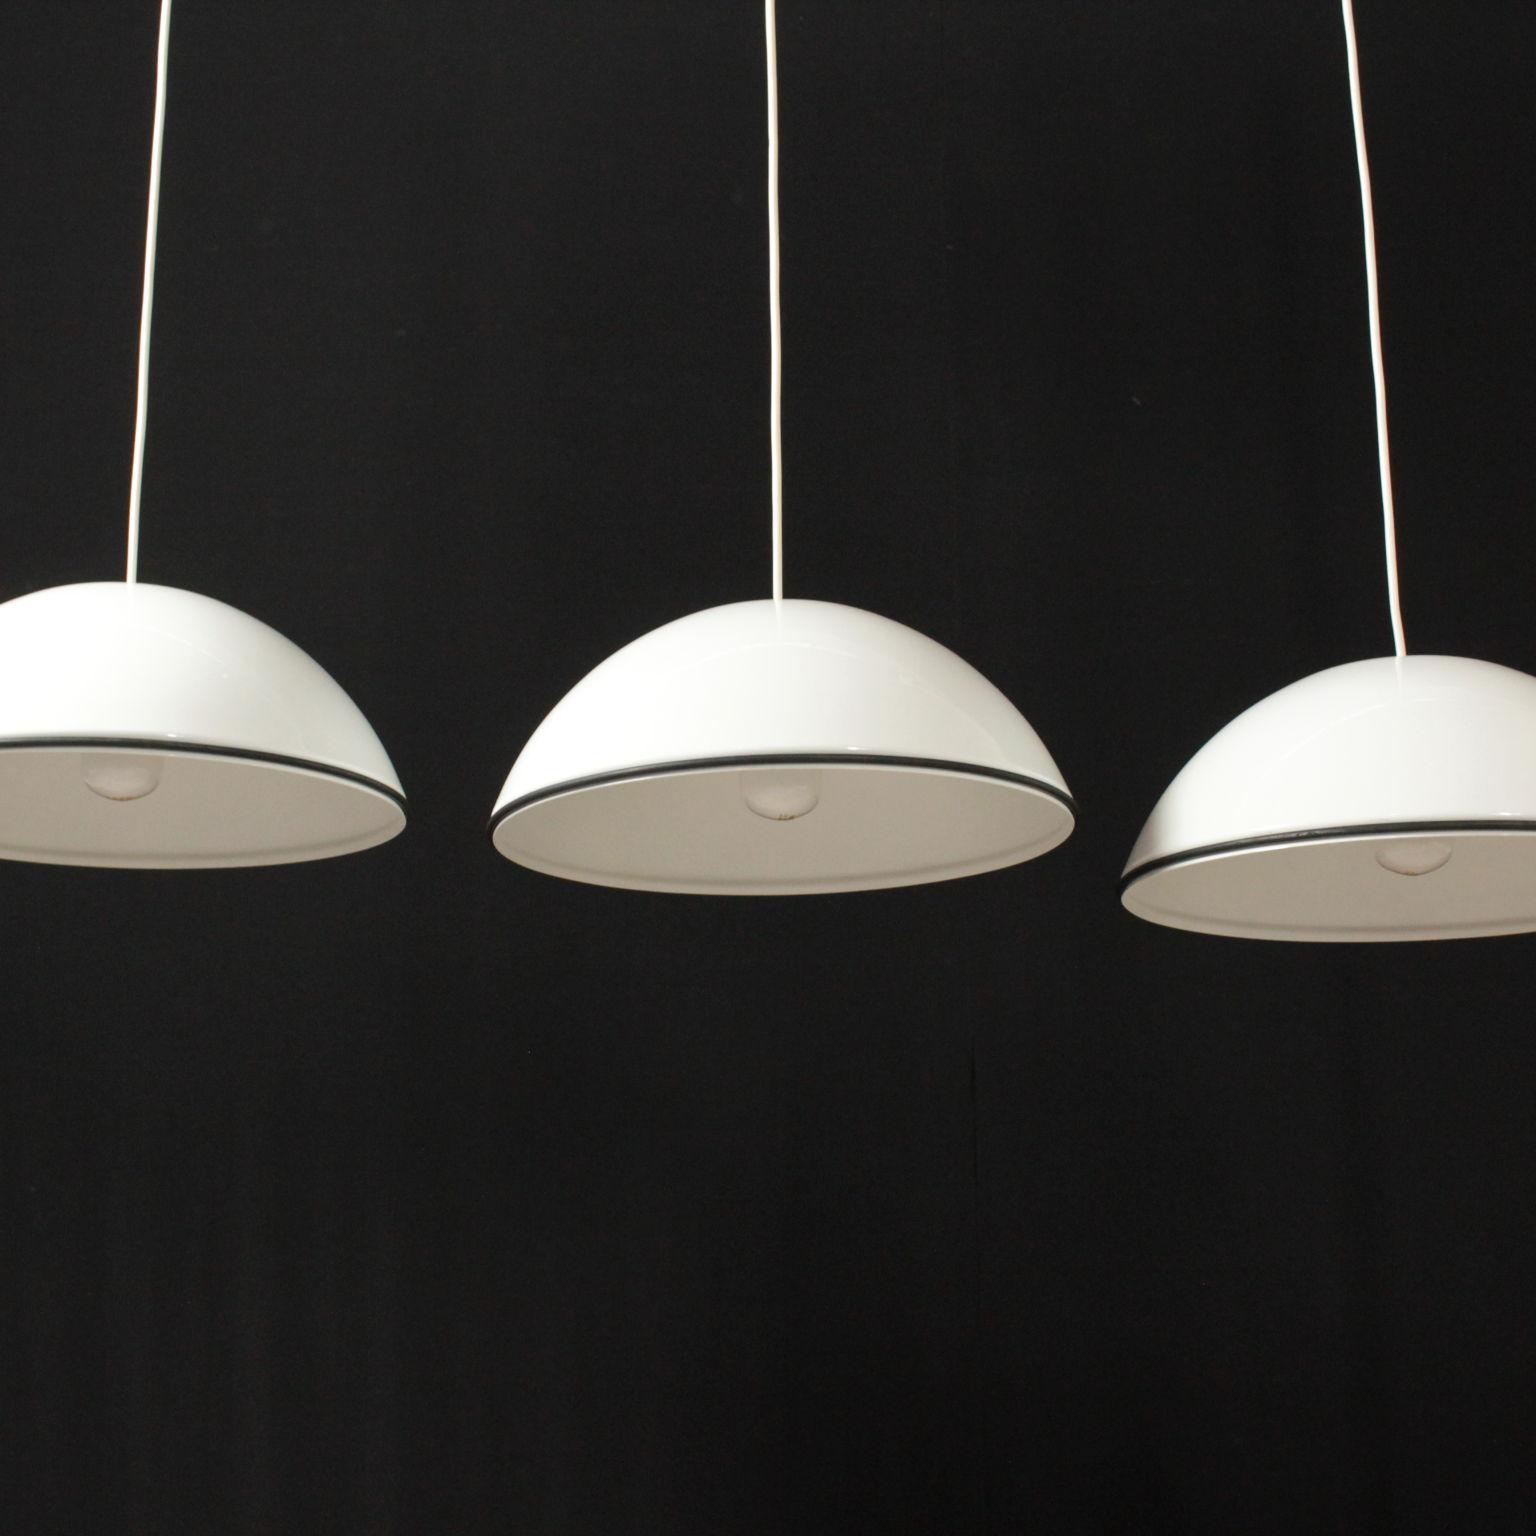 lampade achille castiglioni illuminazione modernariato ForLampade Castiglioni